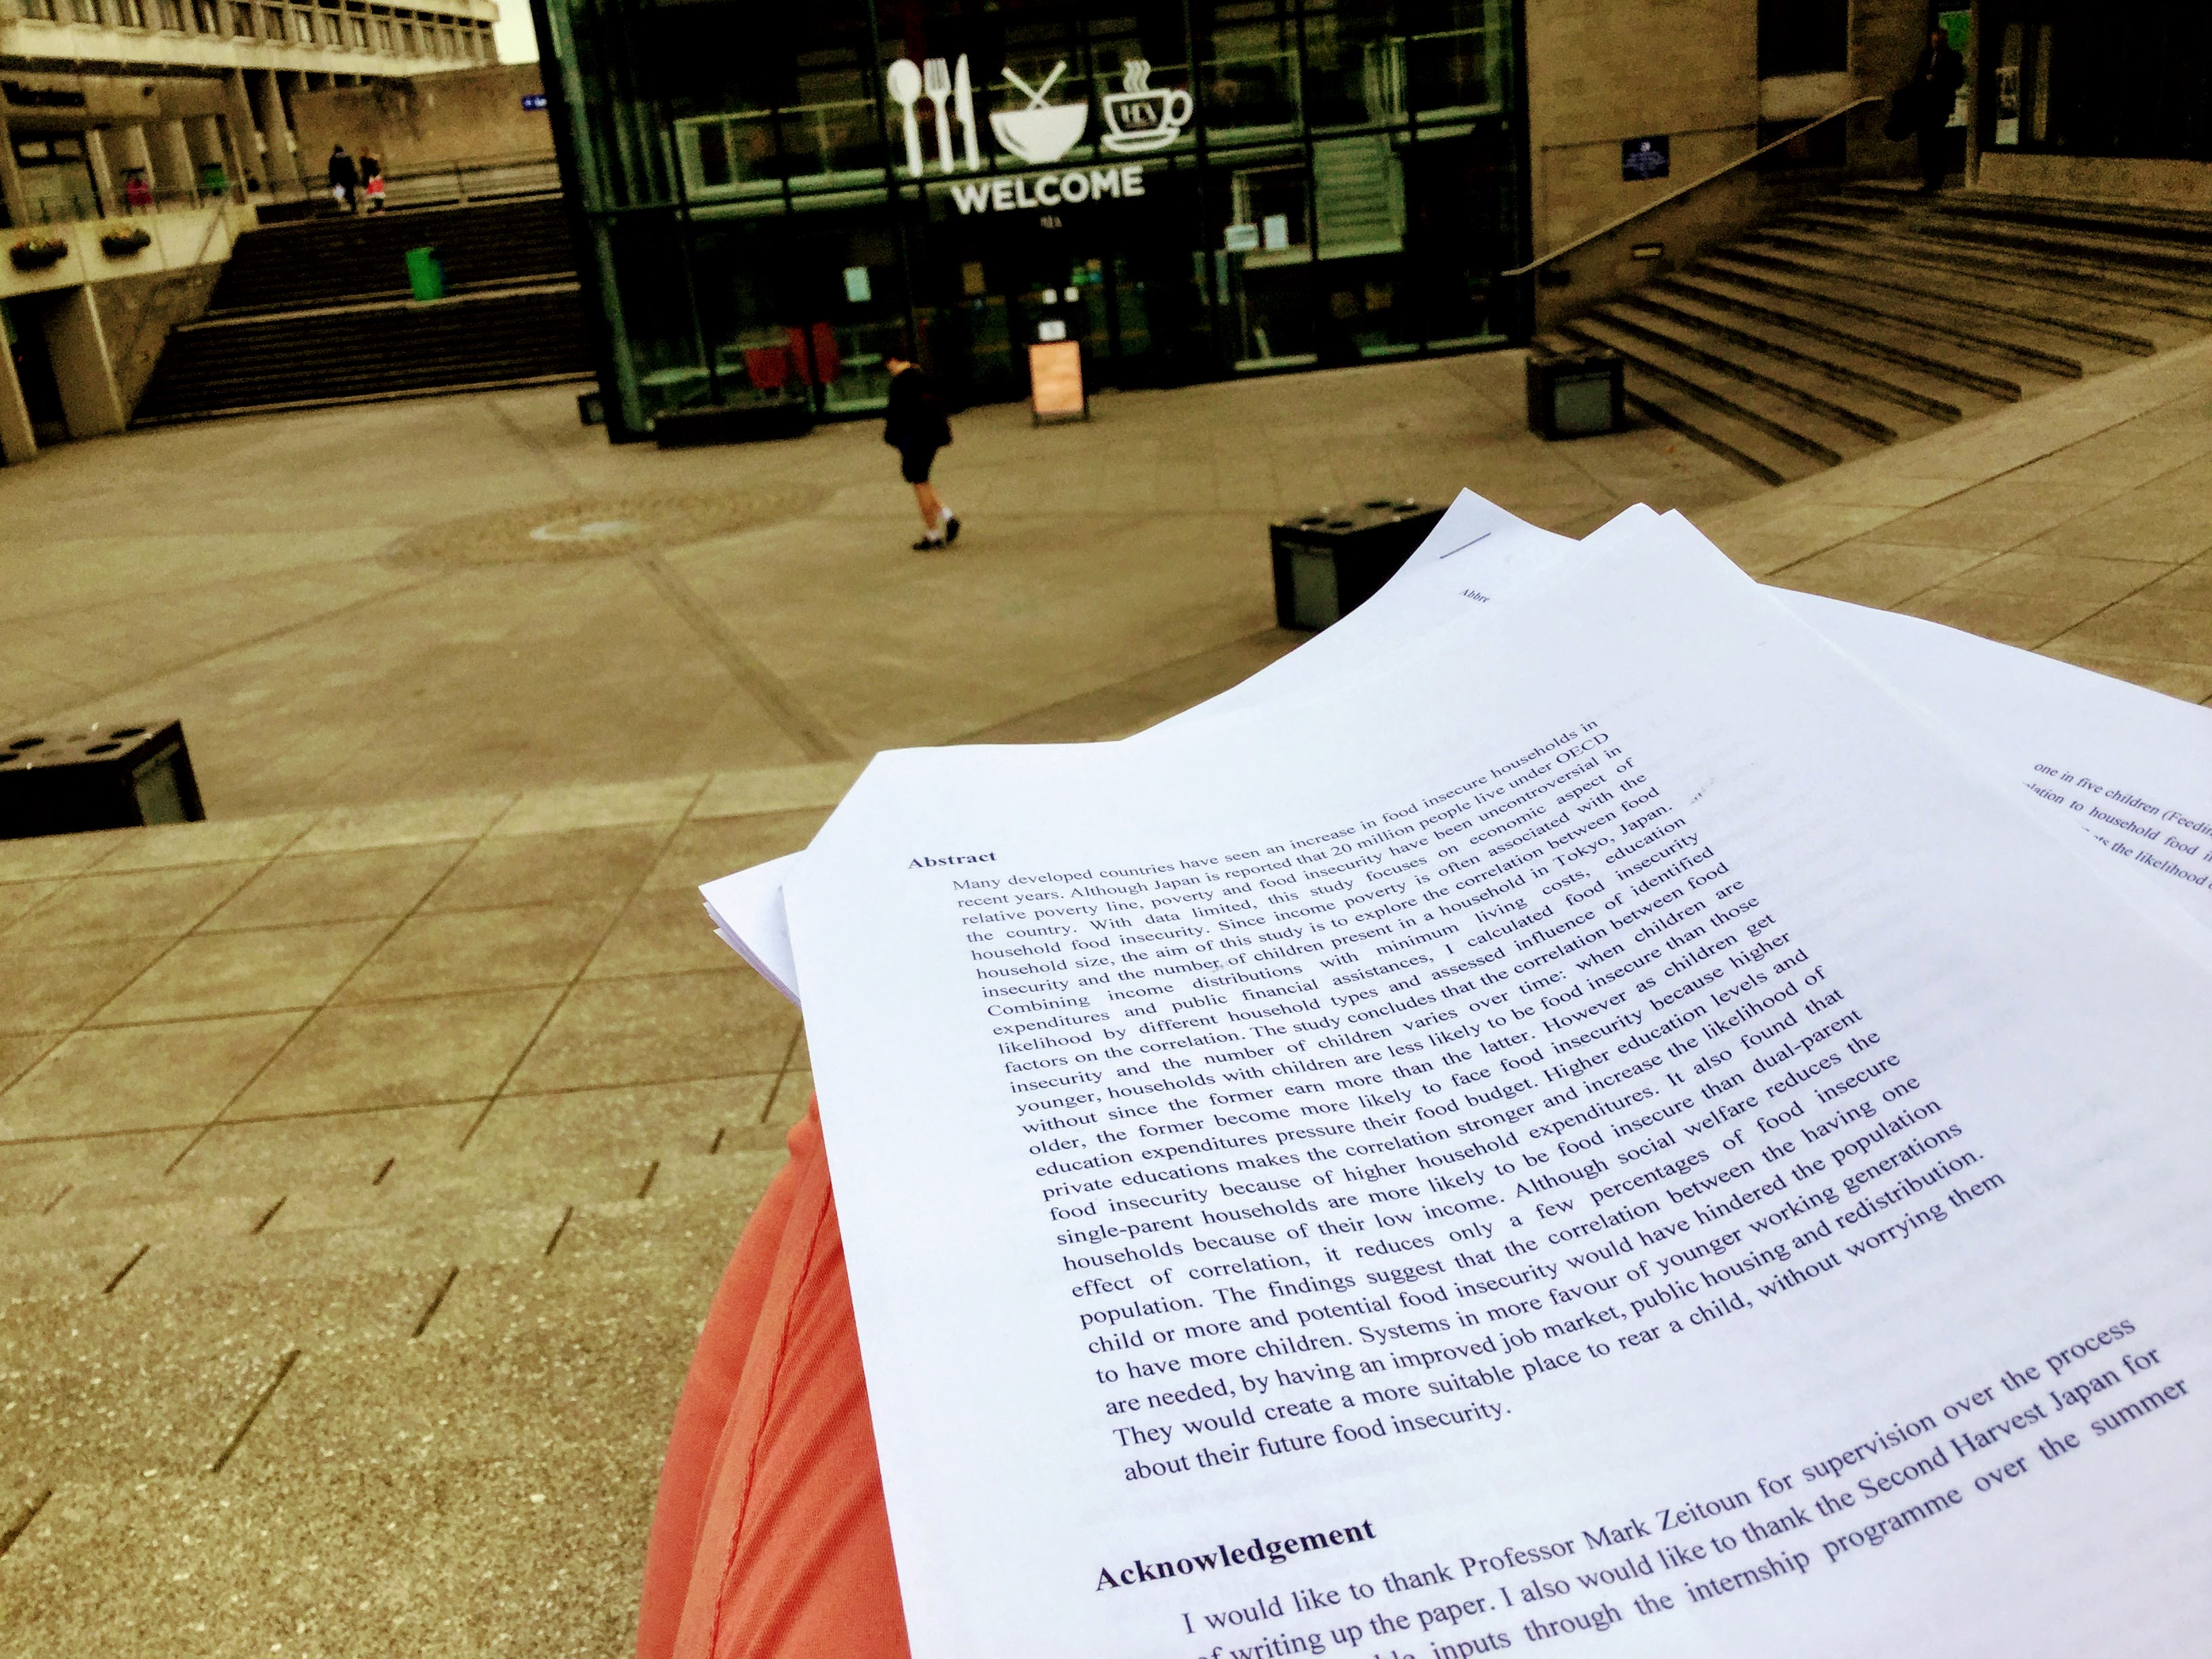 【#連載1】留学生にとってのタブー「英語ペラペラになった?」に対するわたしなりの答え